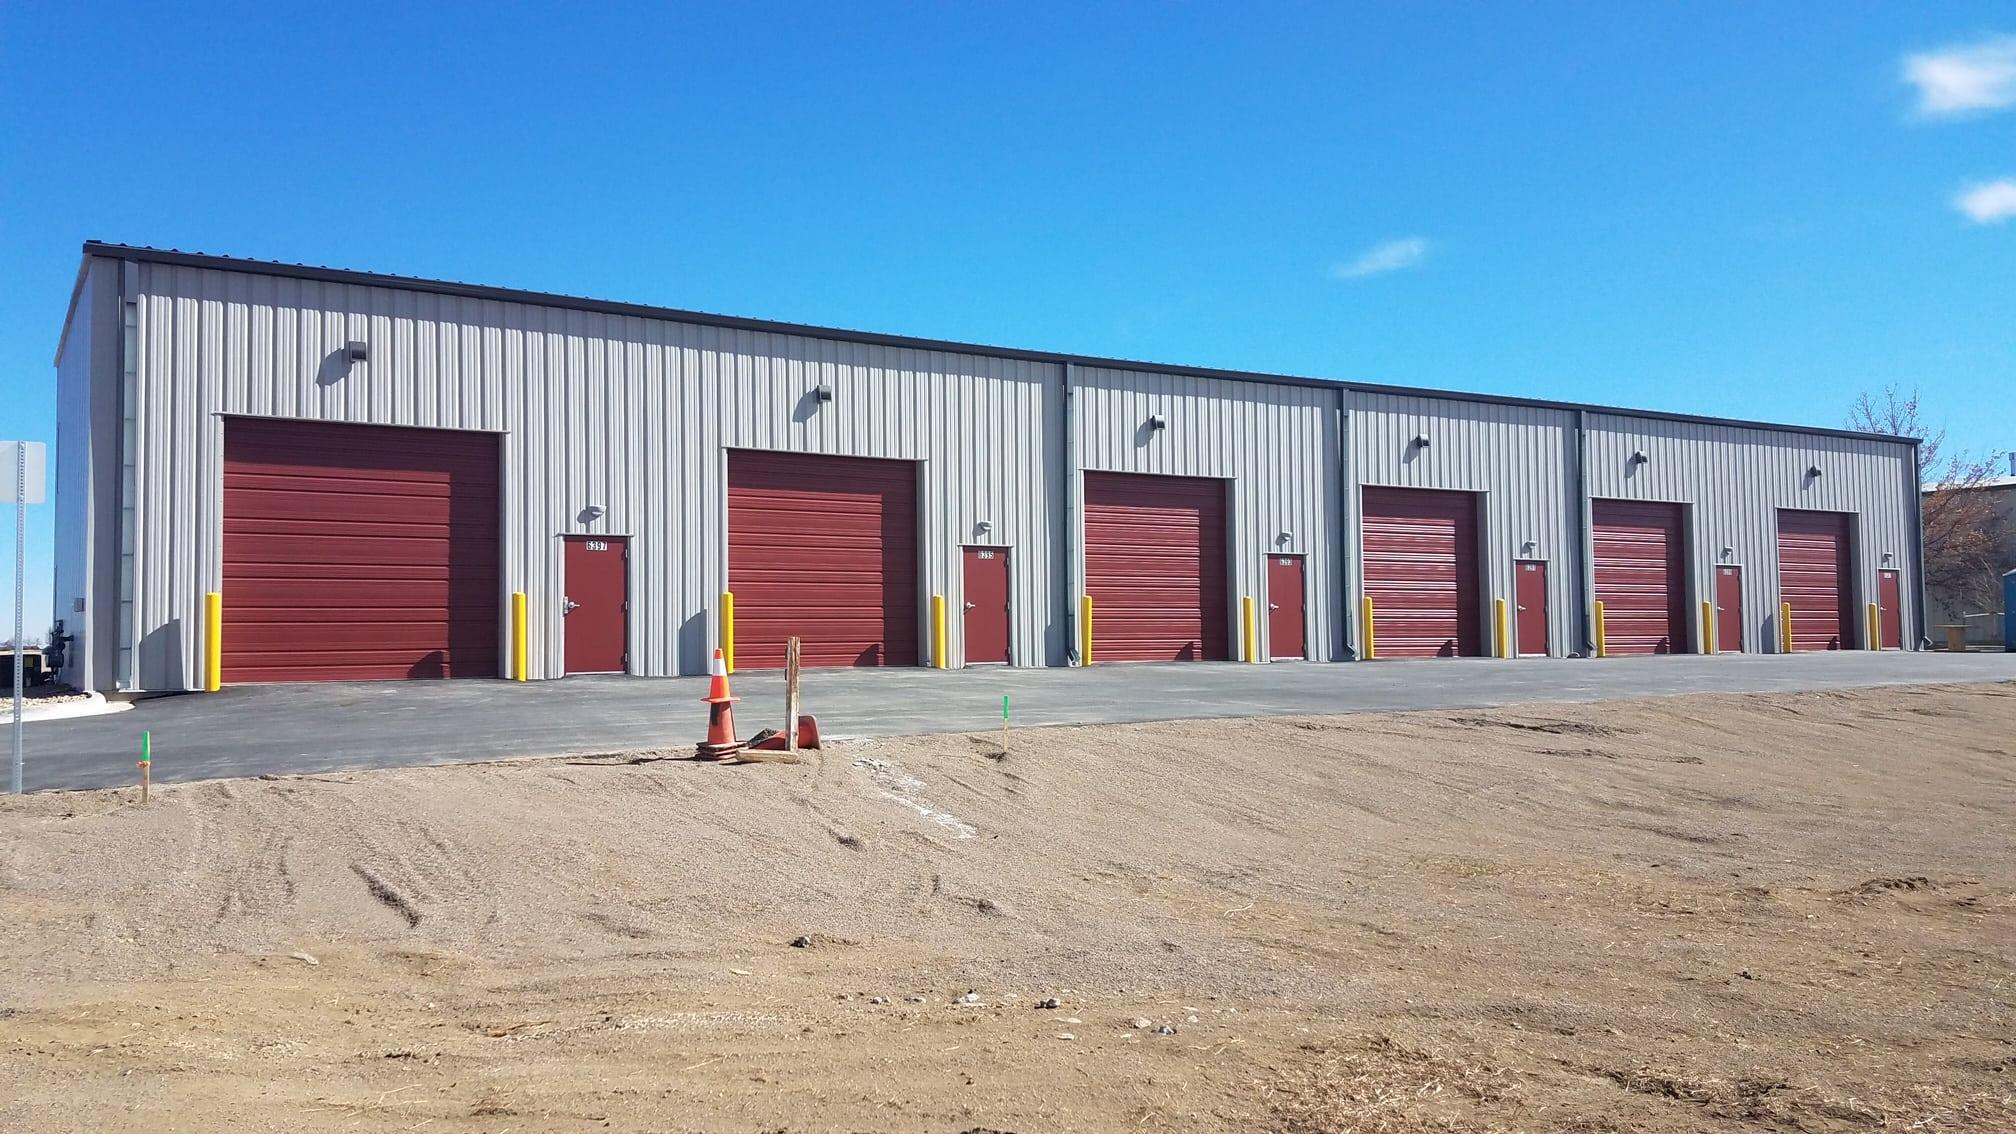 New steel building with oversized garage doors